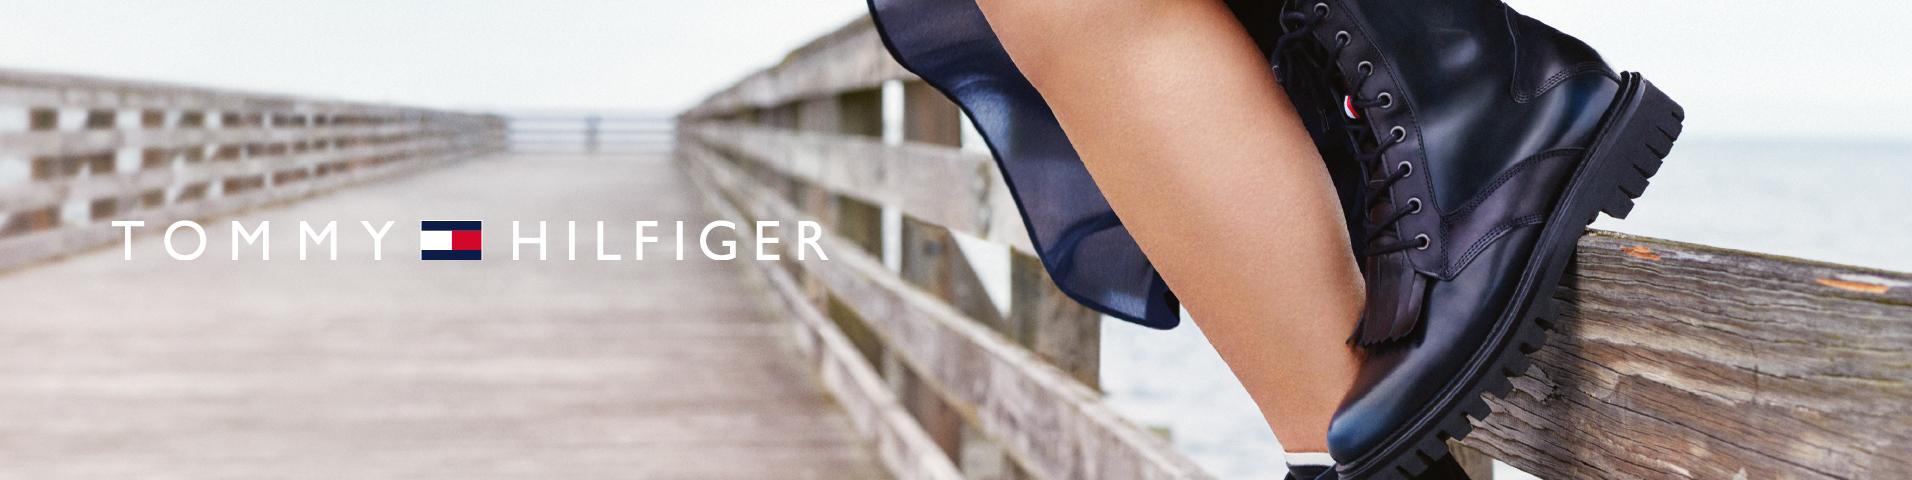 new style 53cd3 9e687 Tronchetti e ankle boots Tommy Hilfiger | Disponibili su Zalando